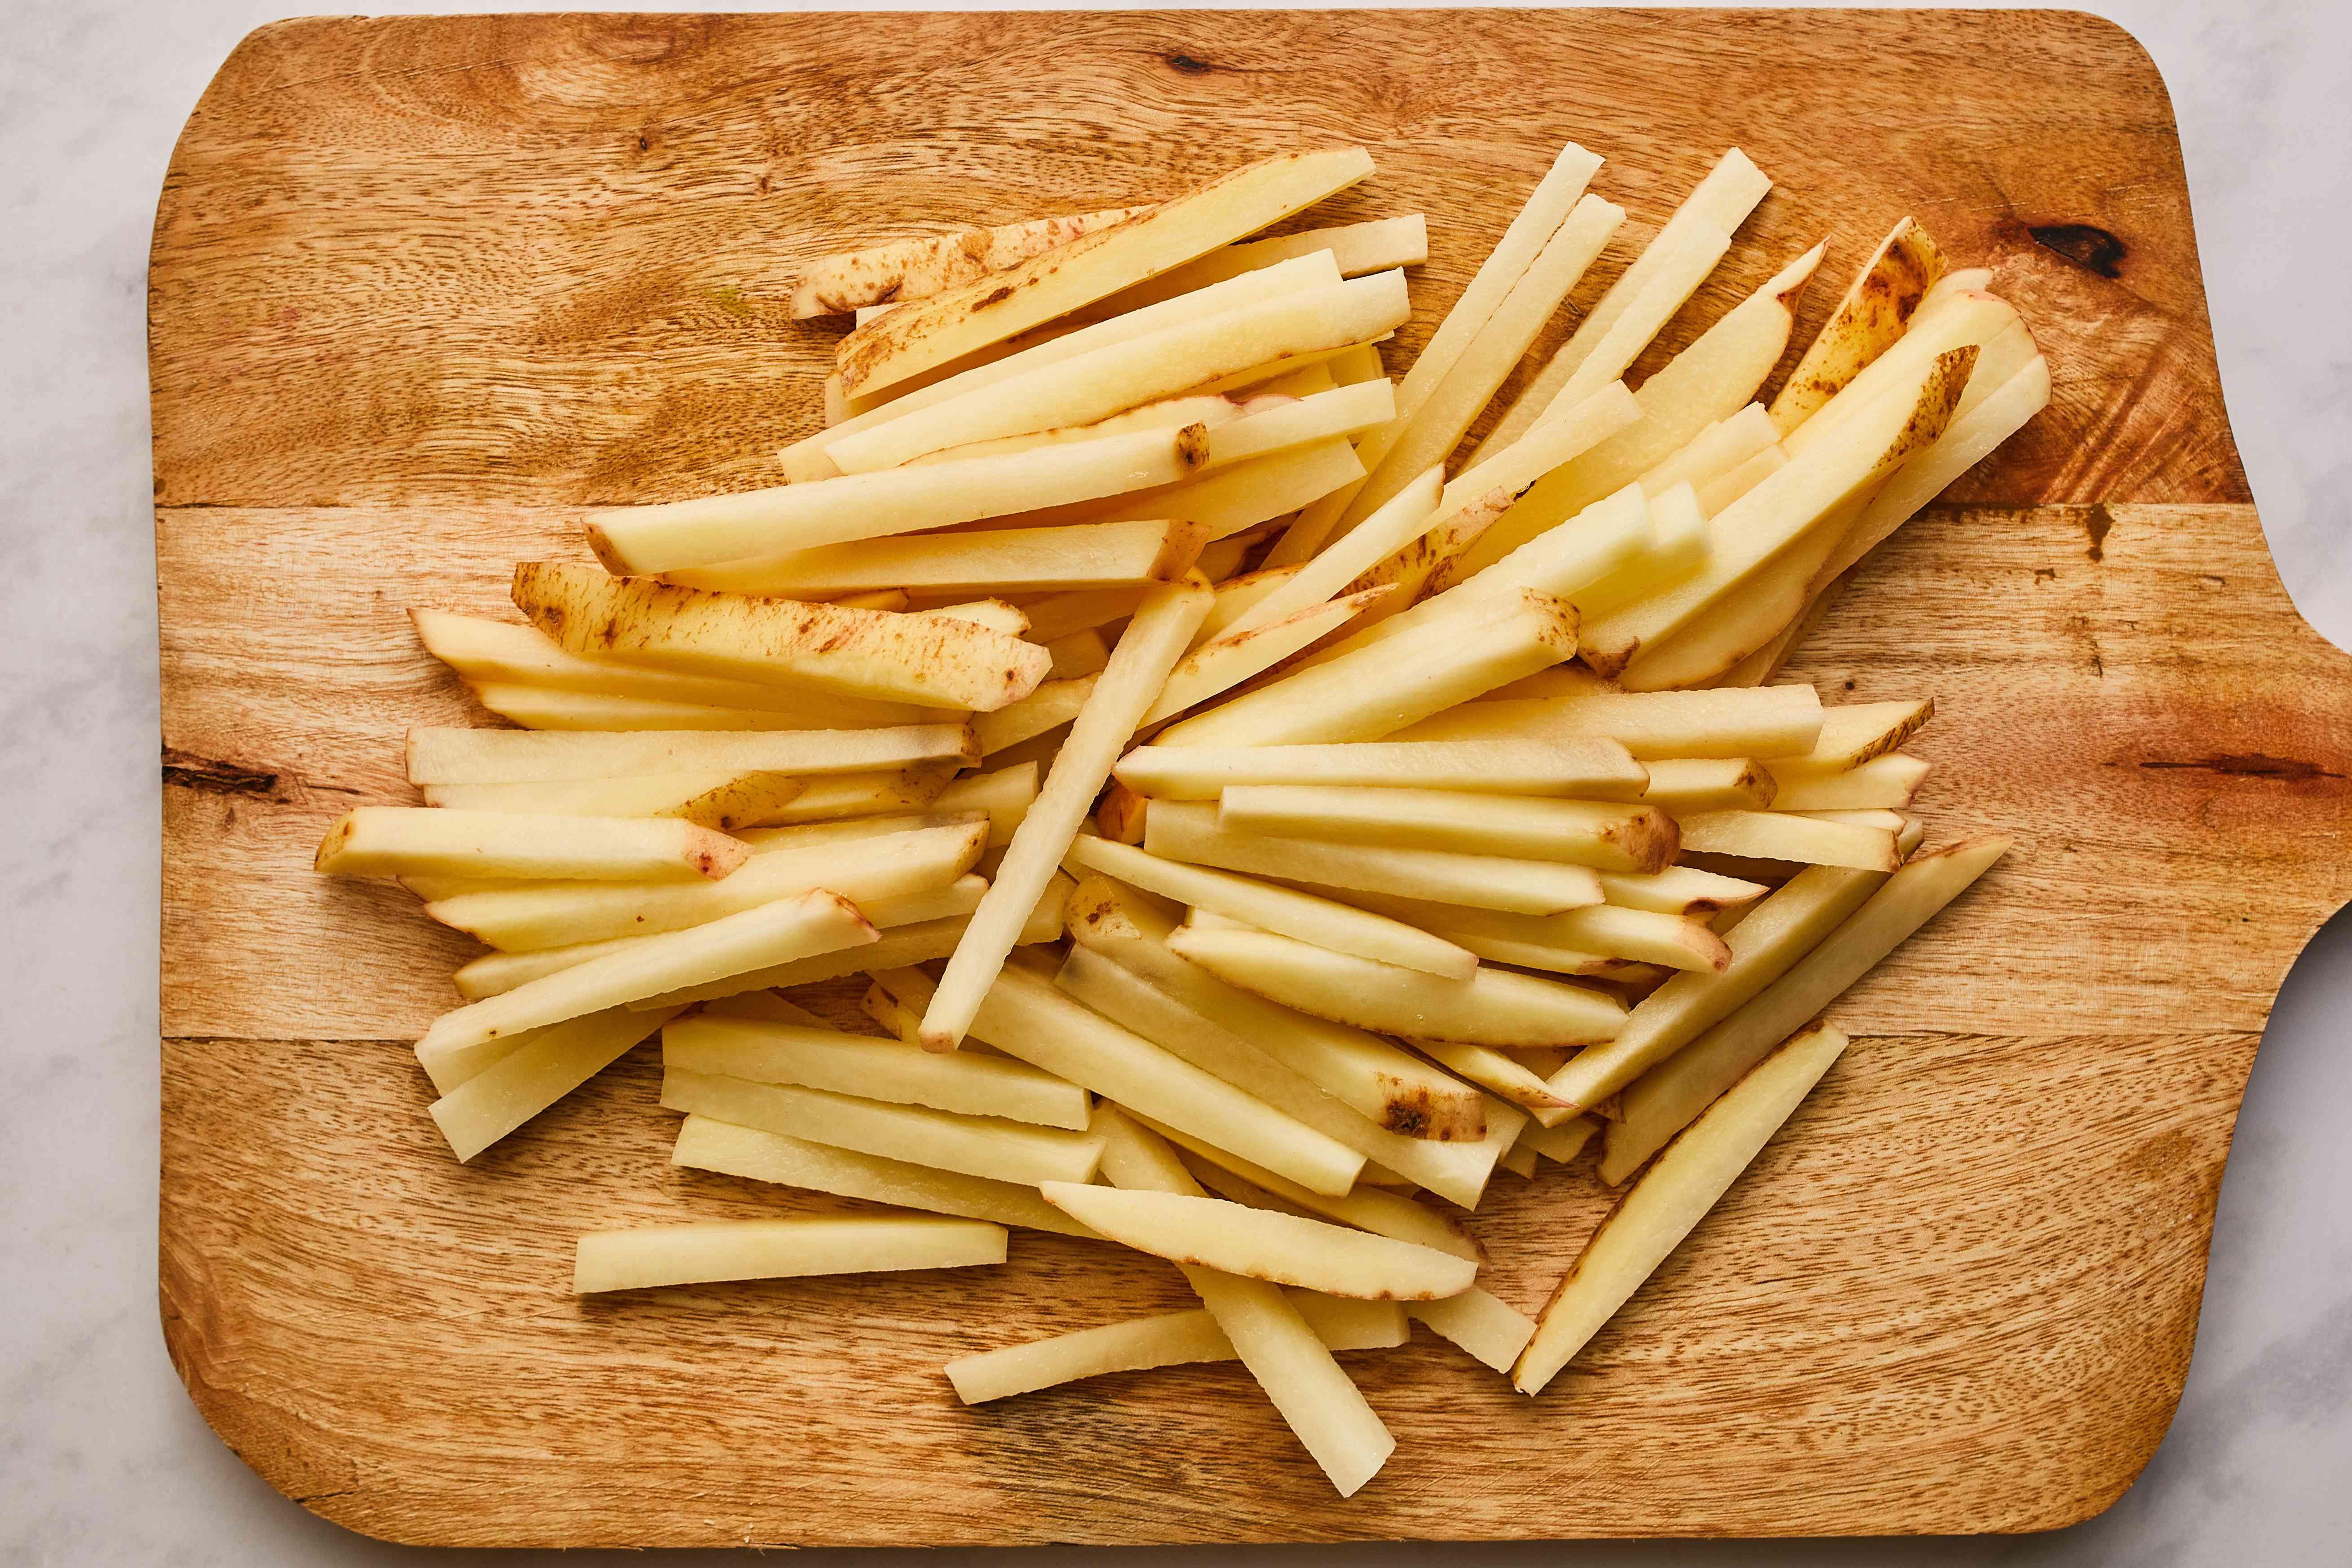 Potatoes cut for fries